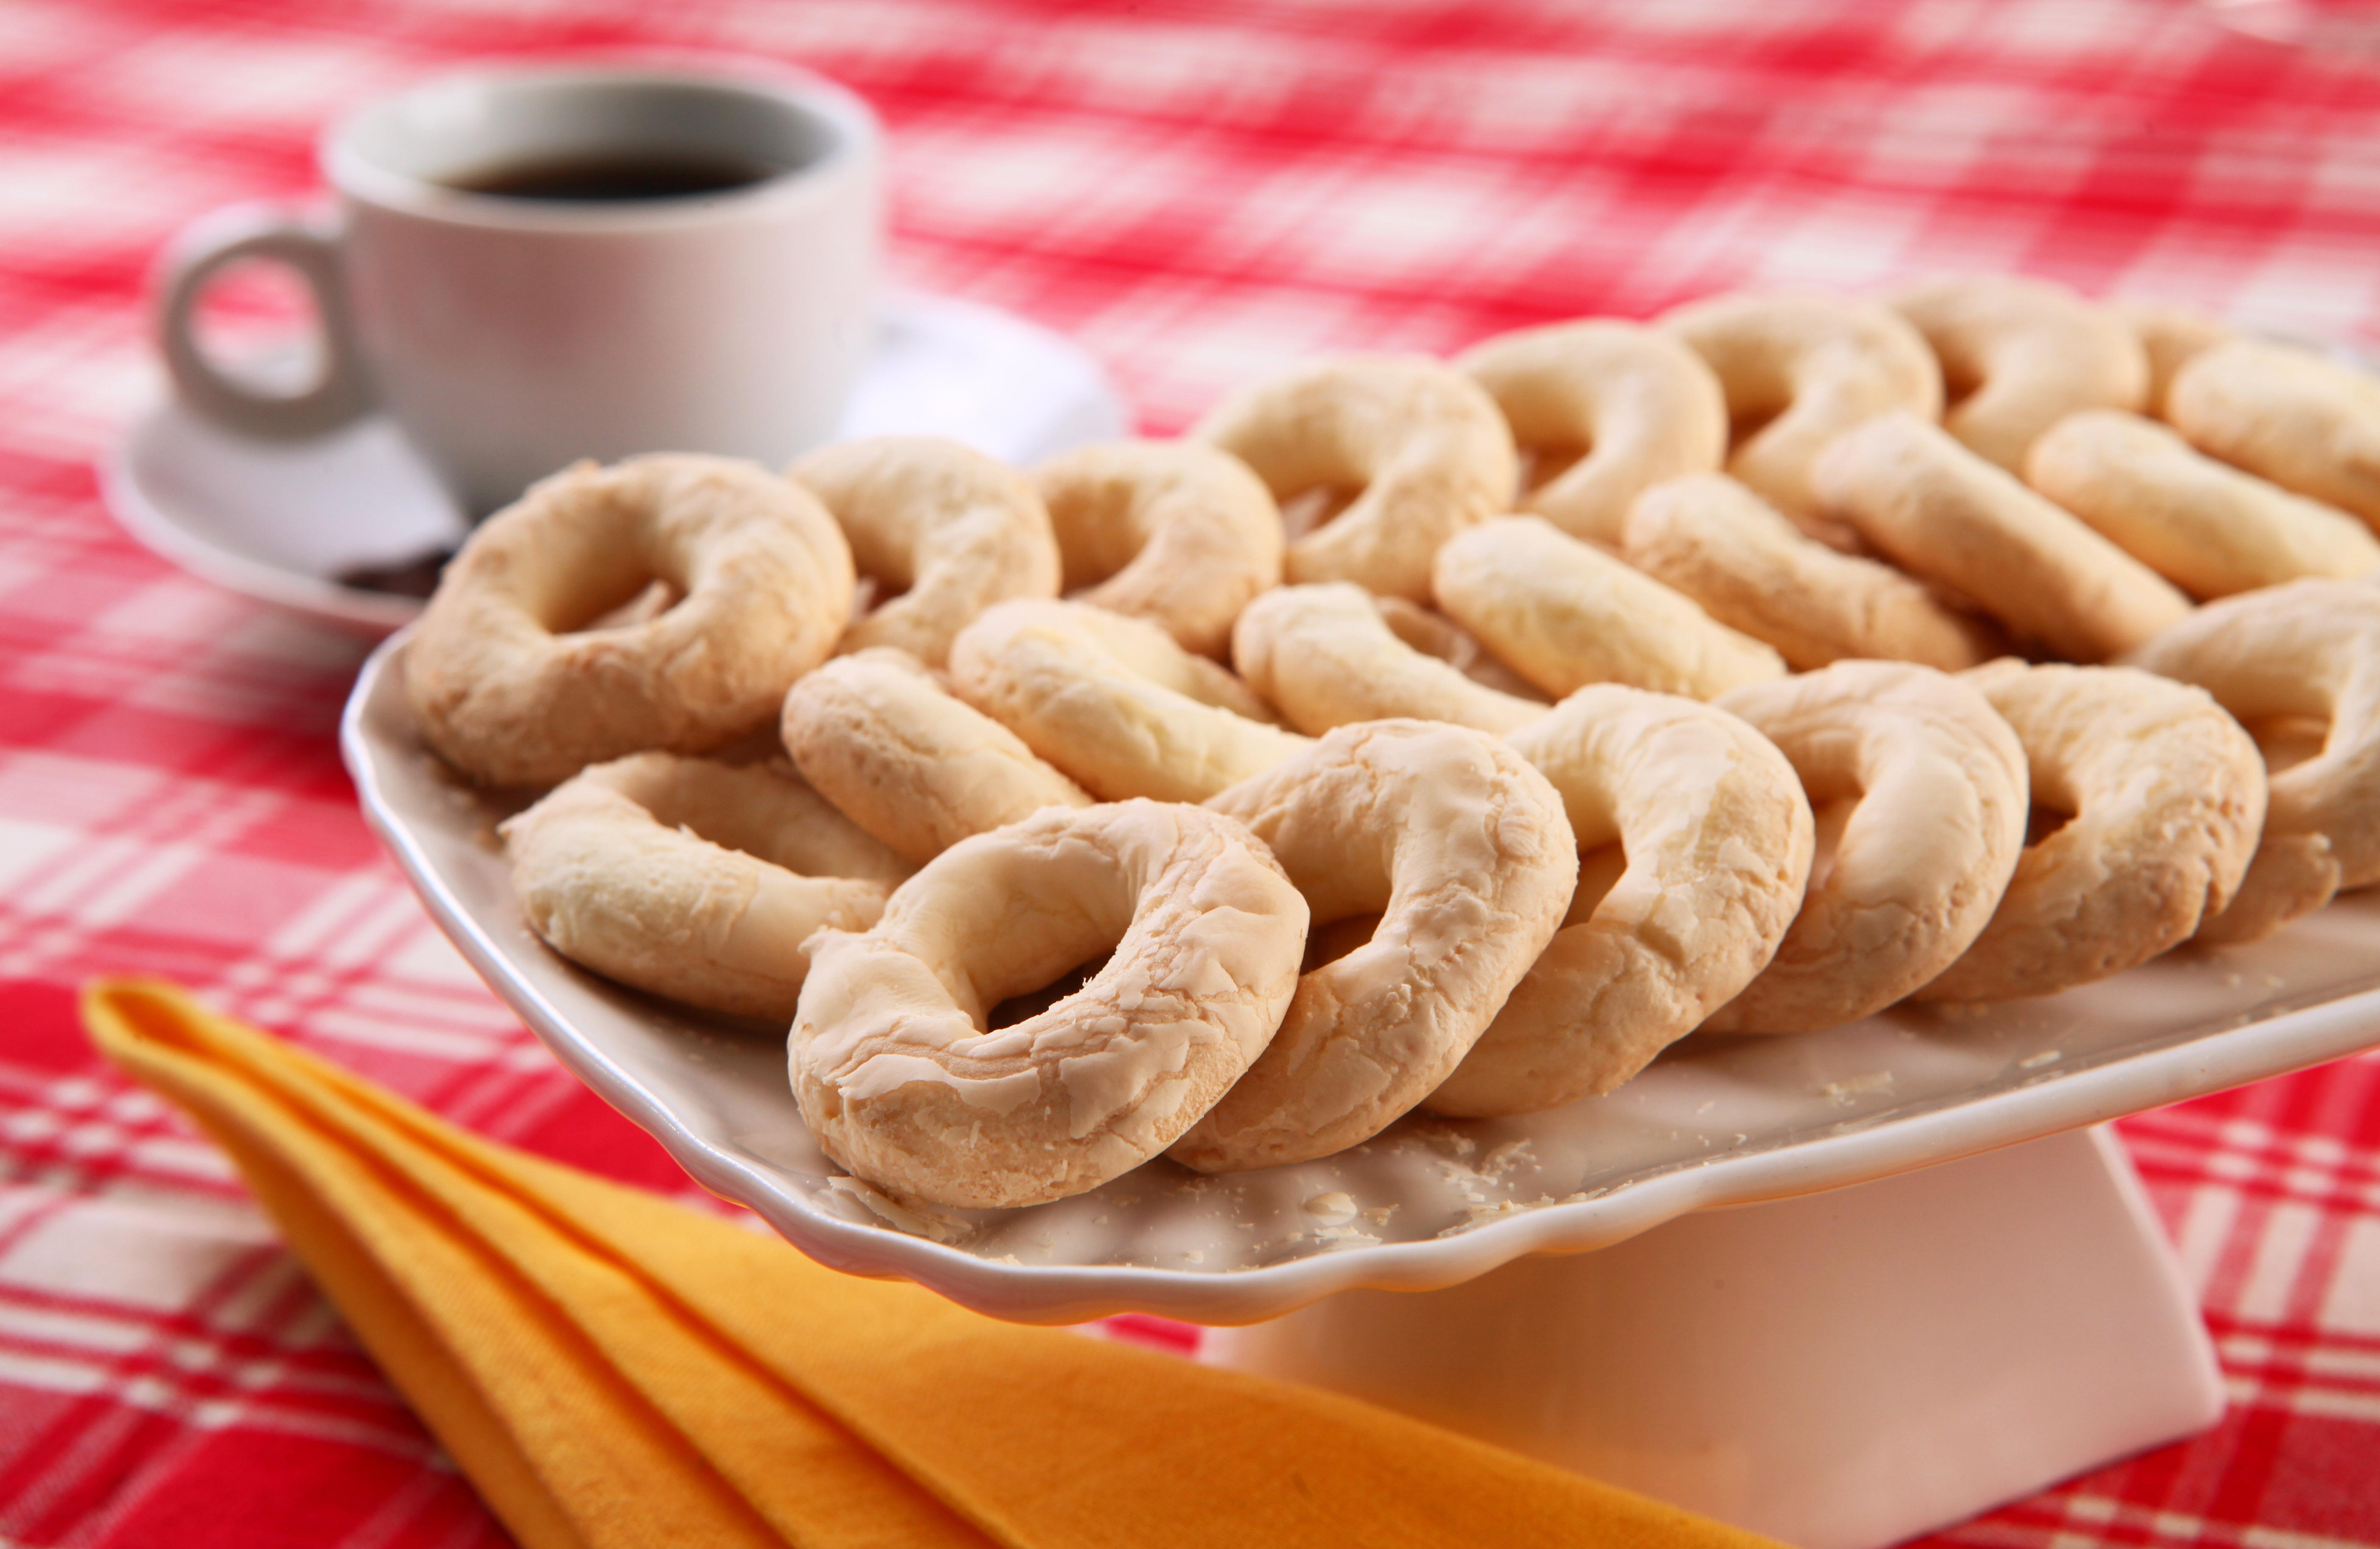 BISCOITINHOS DE COCO com amido de milho maizena